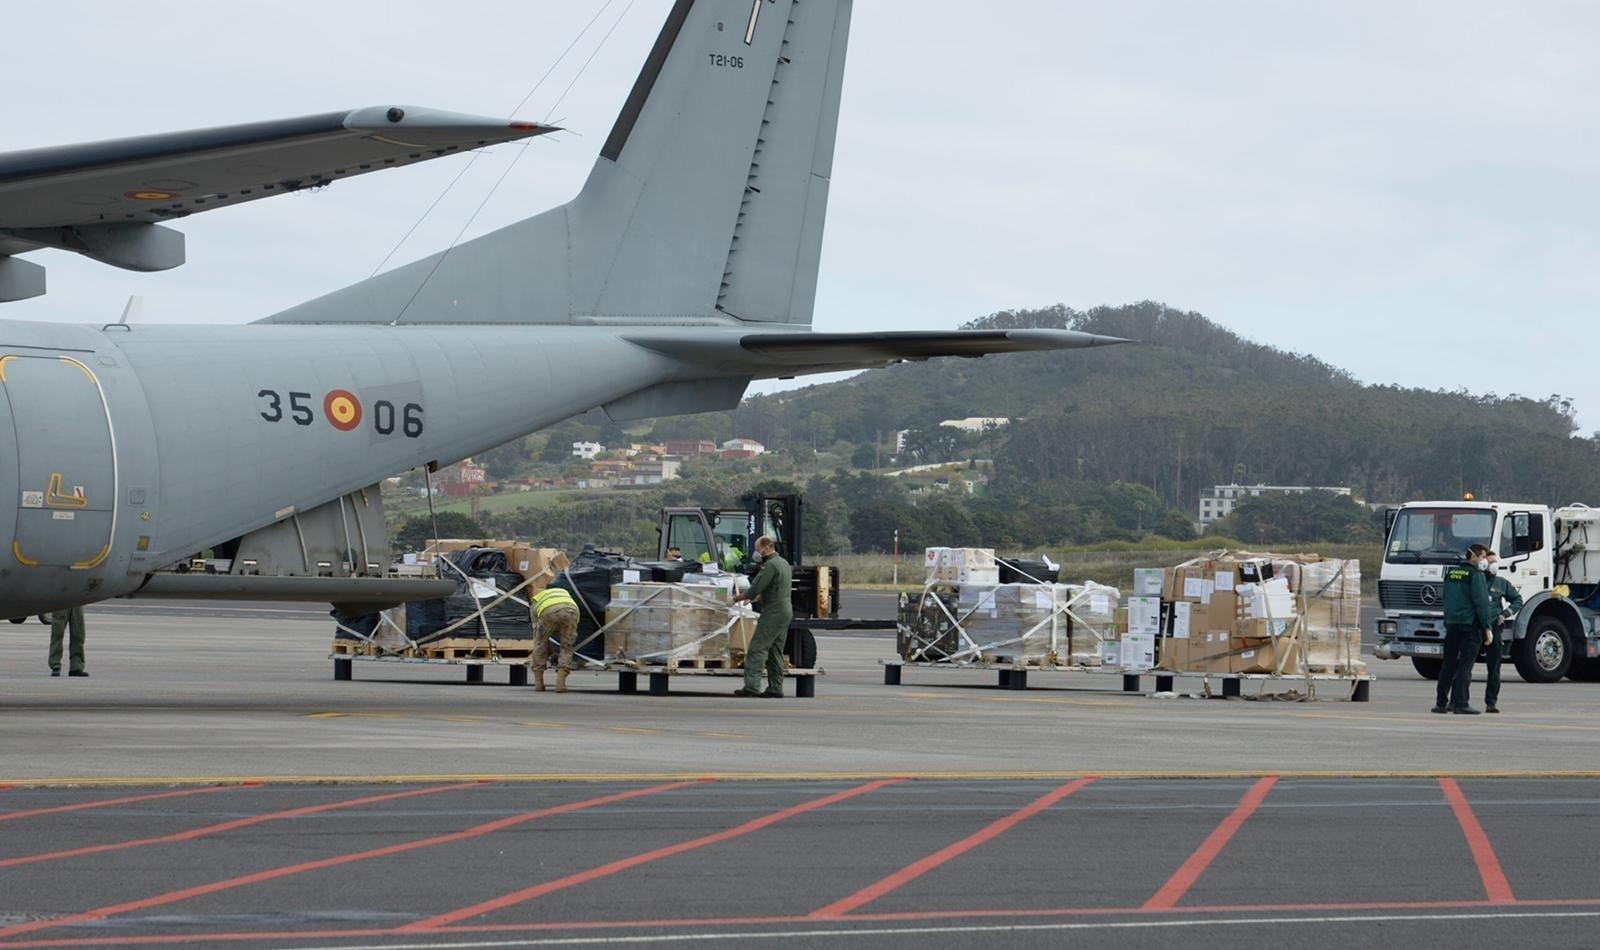 Militärmaschinen brachten das so dringend gebrauchte Material auf die Inseln. Crédito: Gobierno de Canarias